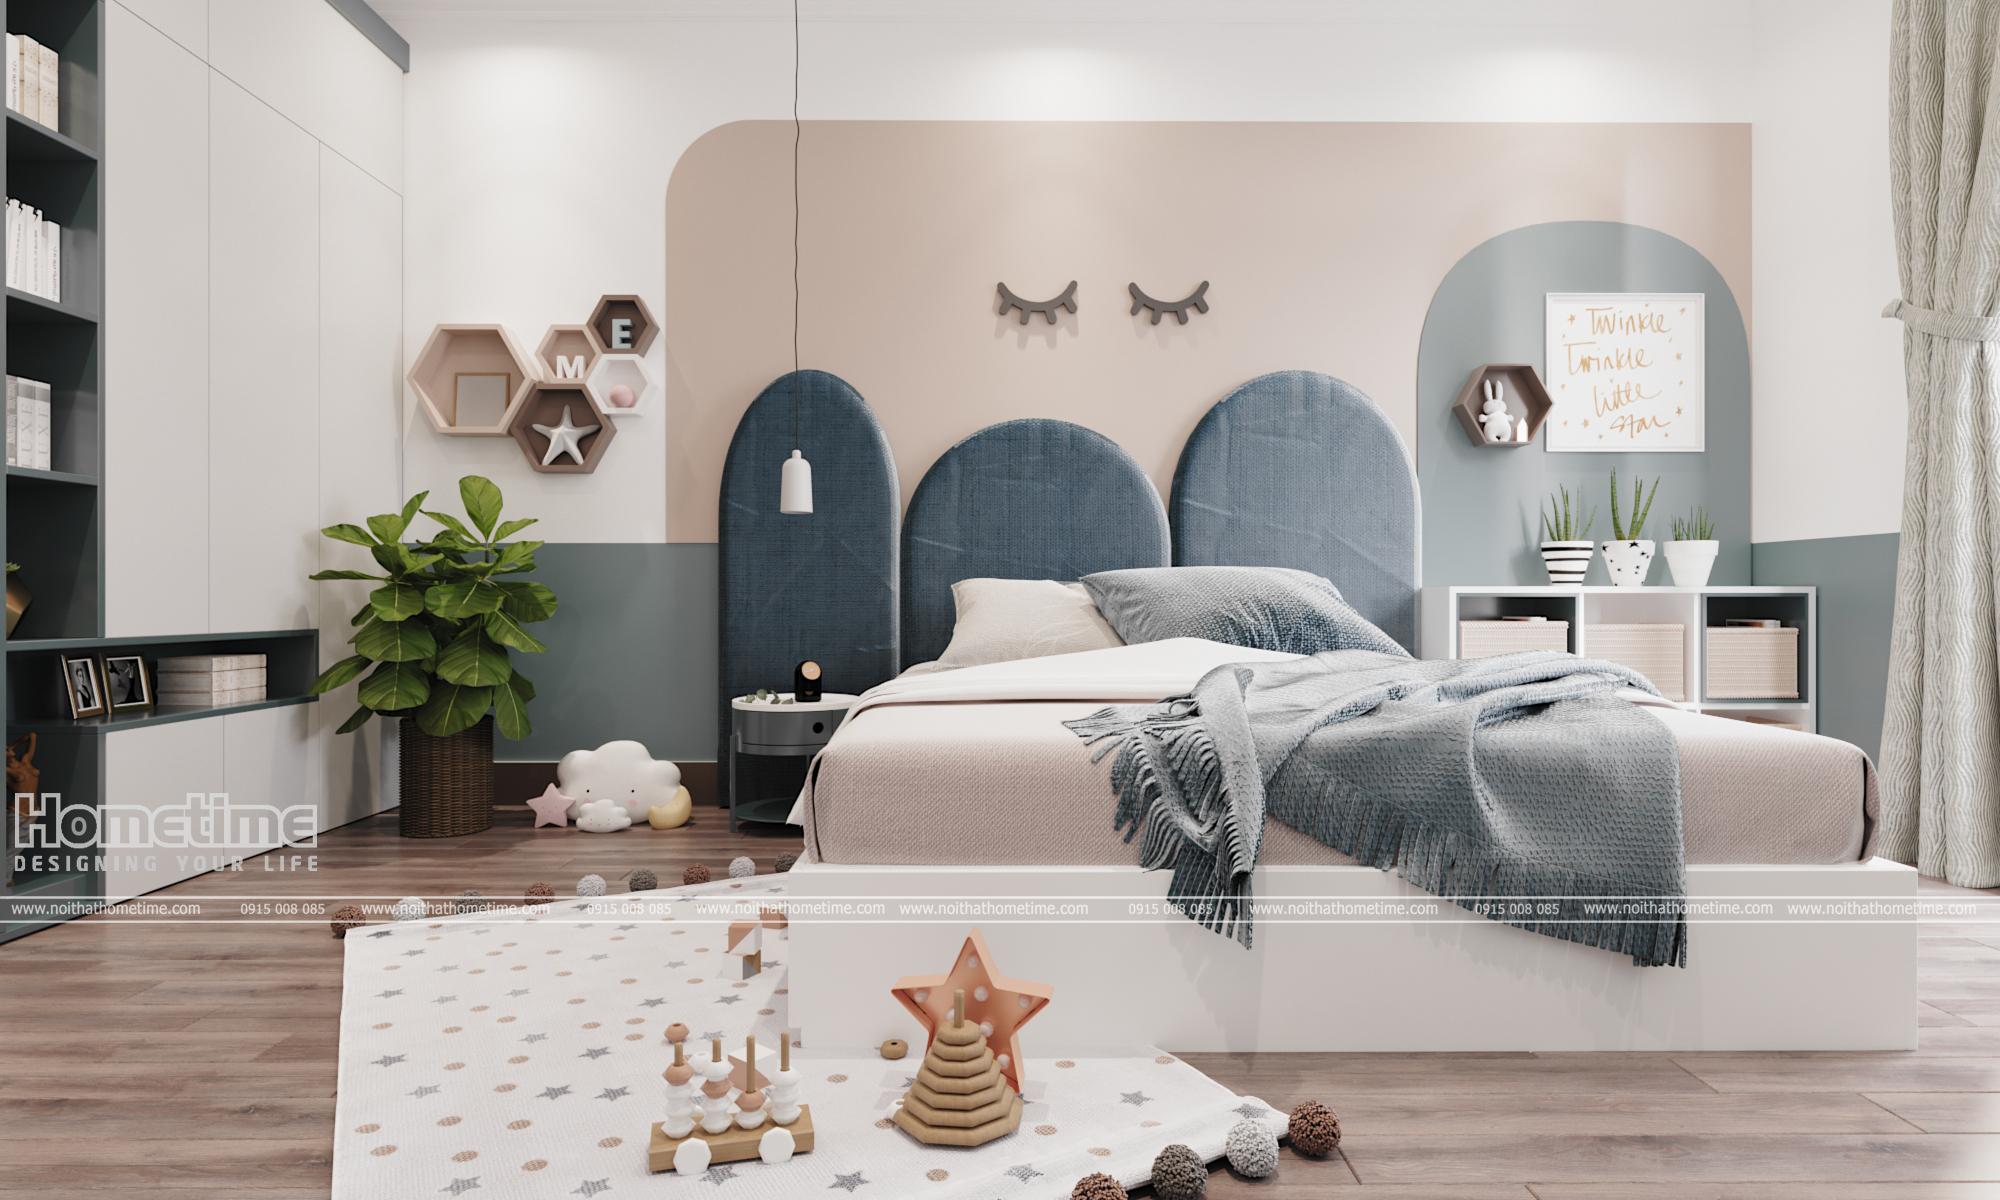 Mẫu nội thất phòng ngủ bé gái màu sắc dịu nhẹ